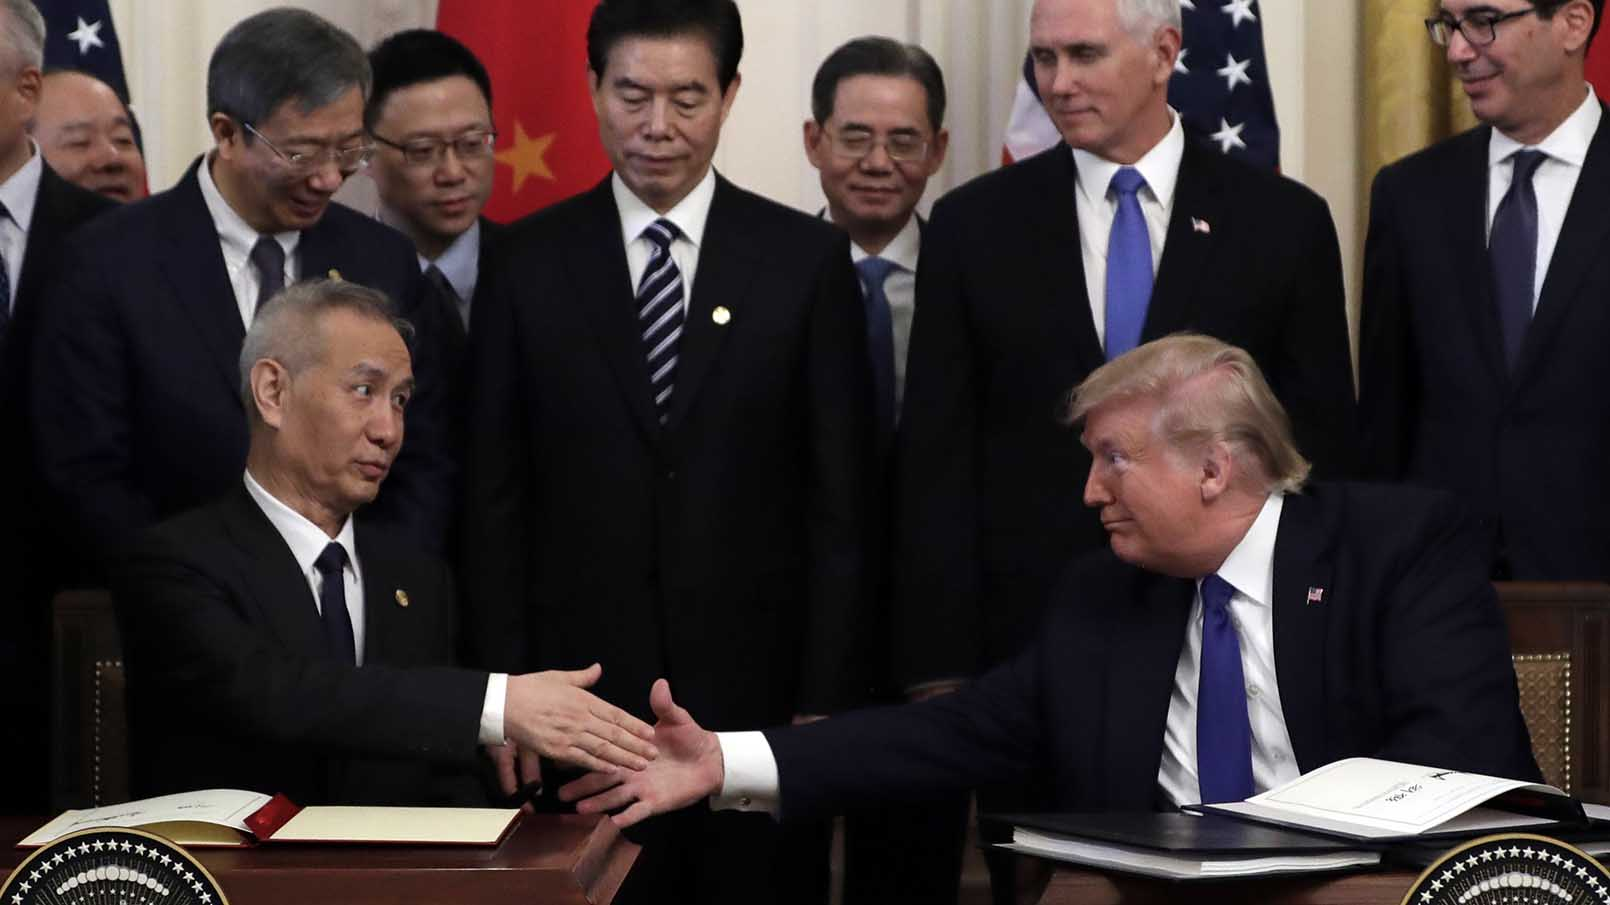 在美中两国历经18个月的贸易争斗后,美国总统特朗普和中国副总理刘鹤2020年1月15日中午,在美国白宫签署了第一阶段的贸易协议。(美联社)